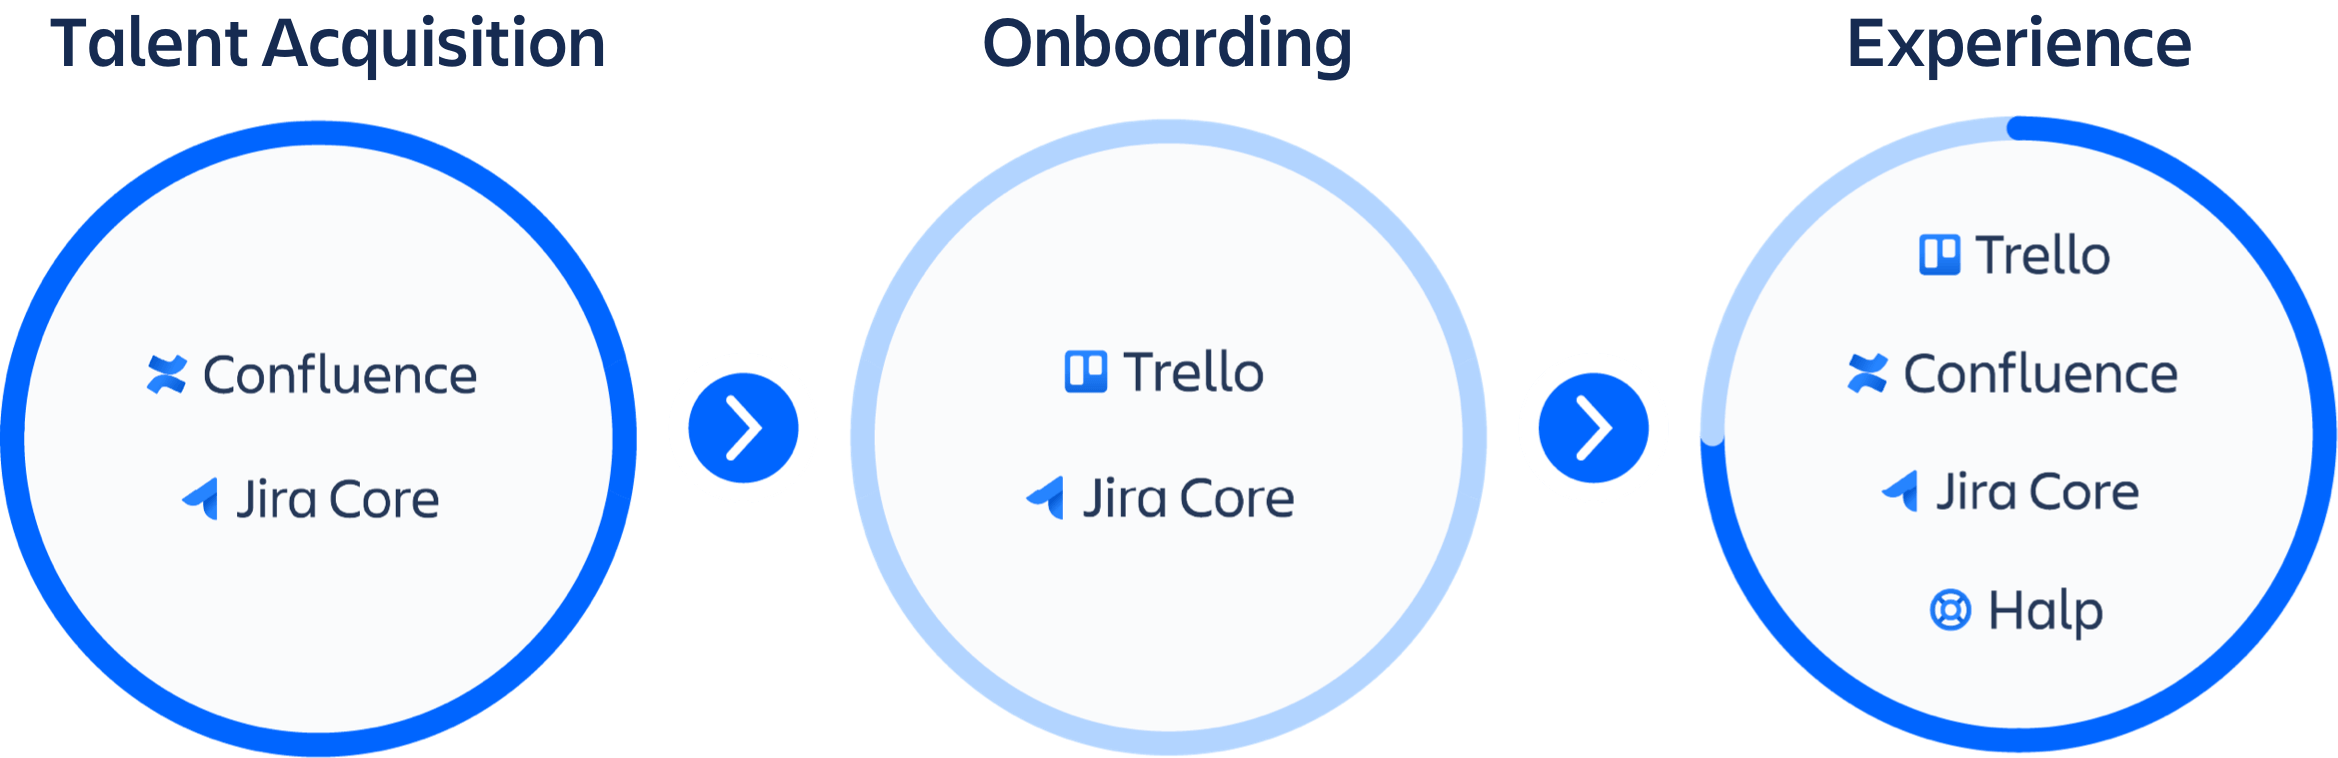 Afbeelding van talentaquisitieproducten: Confluence en Jira Core met producten om te onboarden: Trello en Jira Core